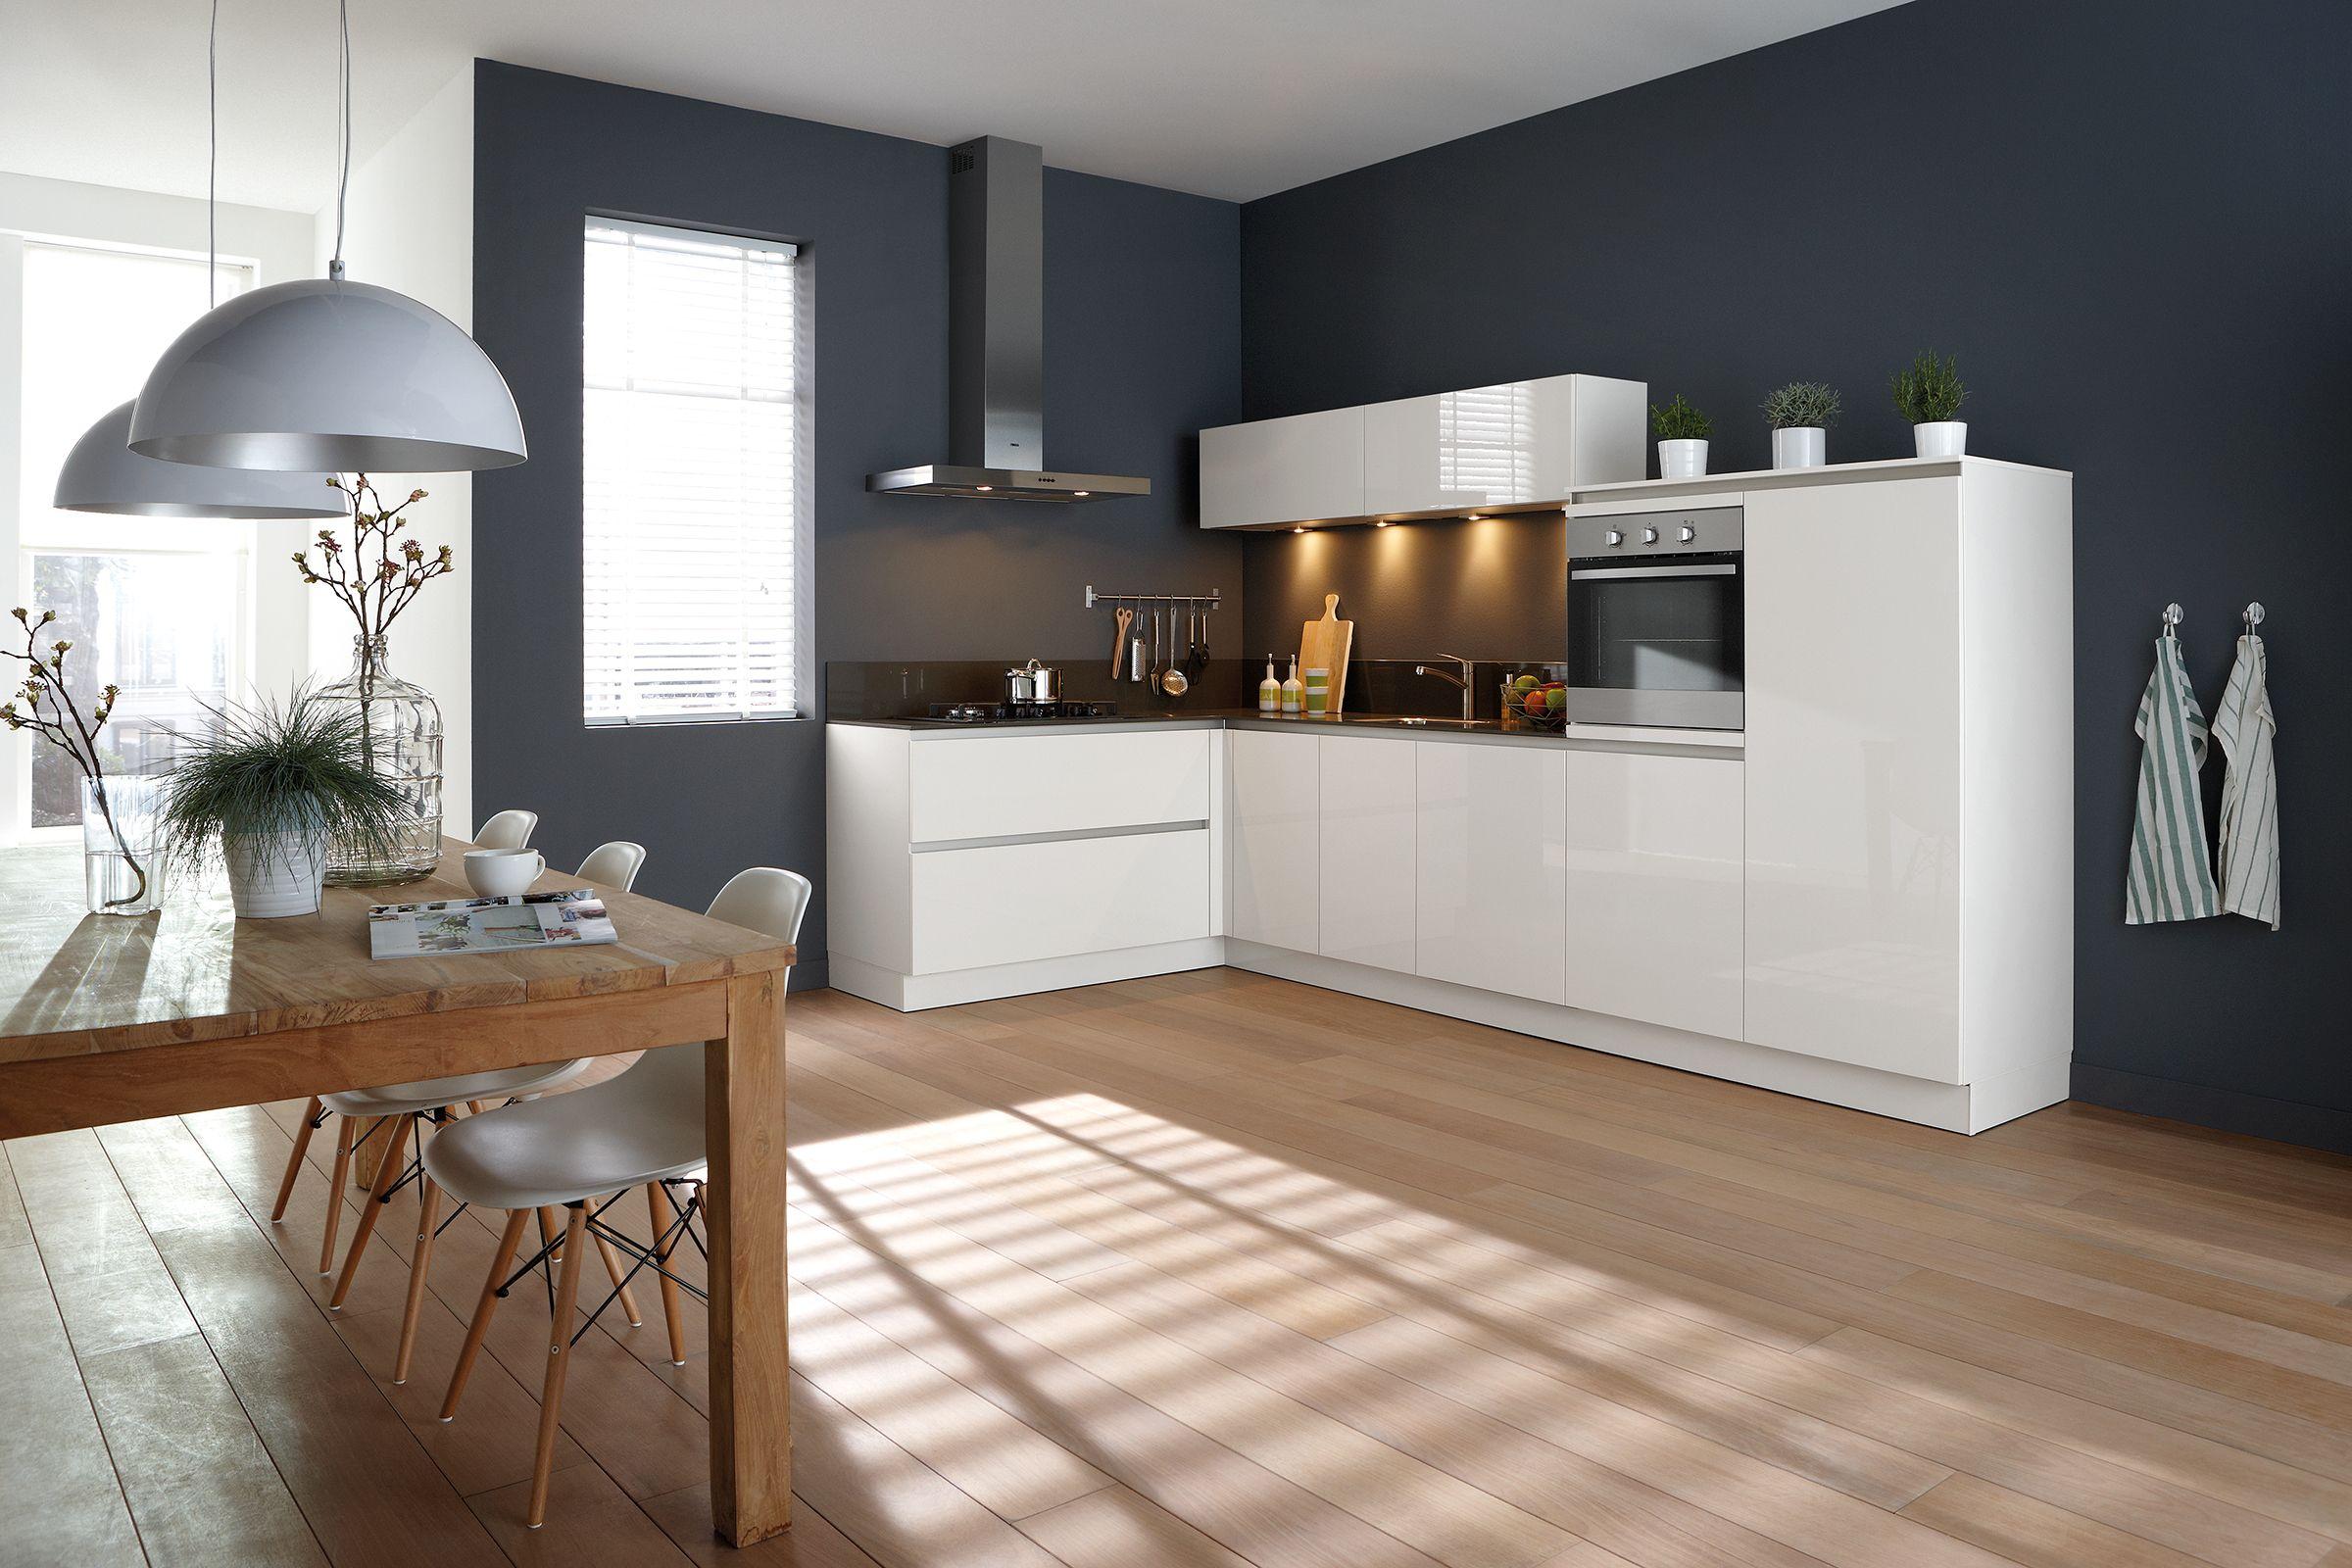 Moderne grayson keuken met stenen werkblad van mm de